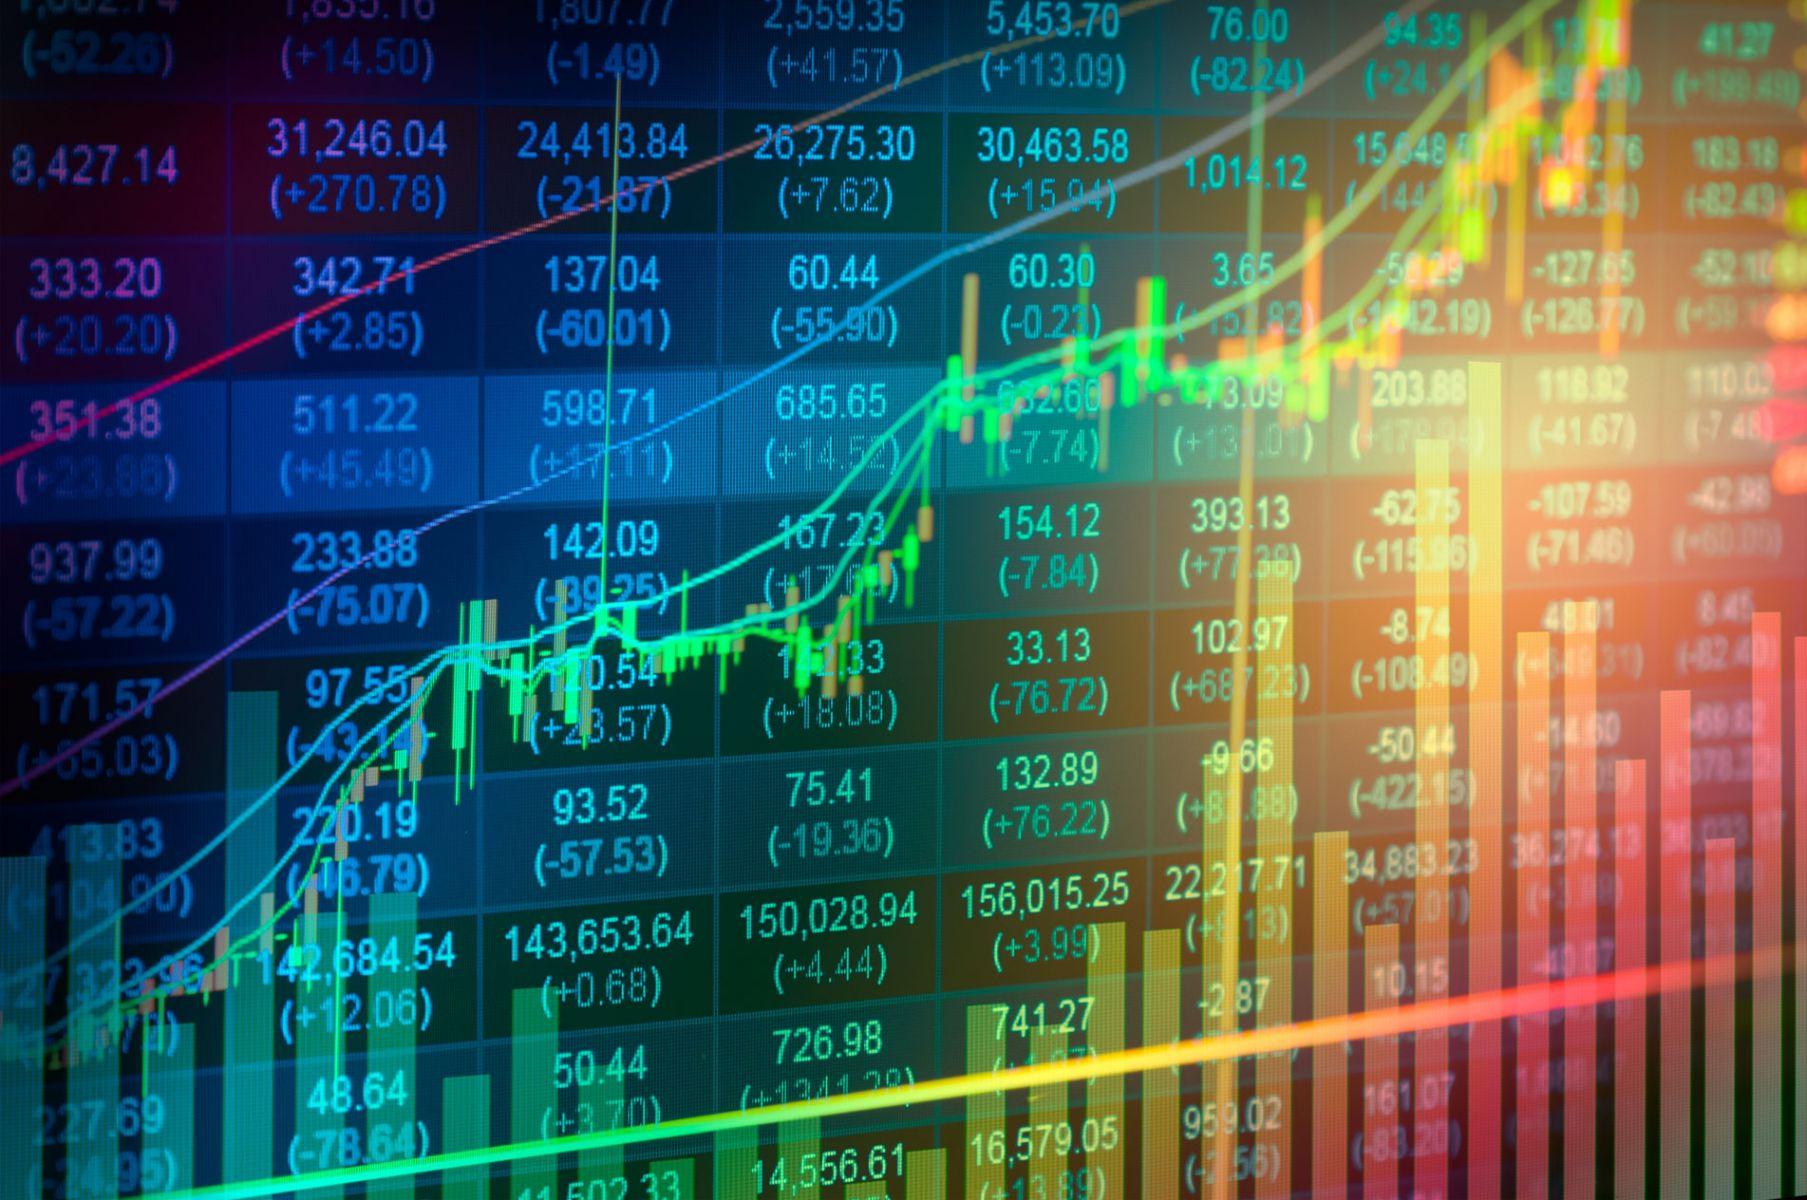 納入MSCI只是開始 A股還坐擁三大利多